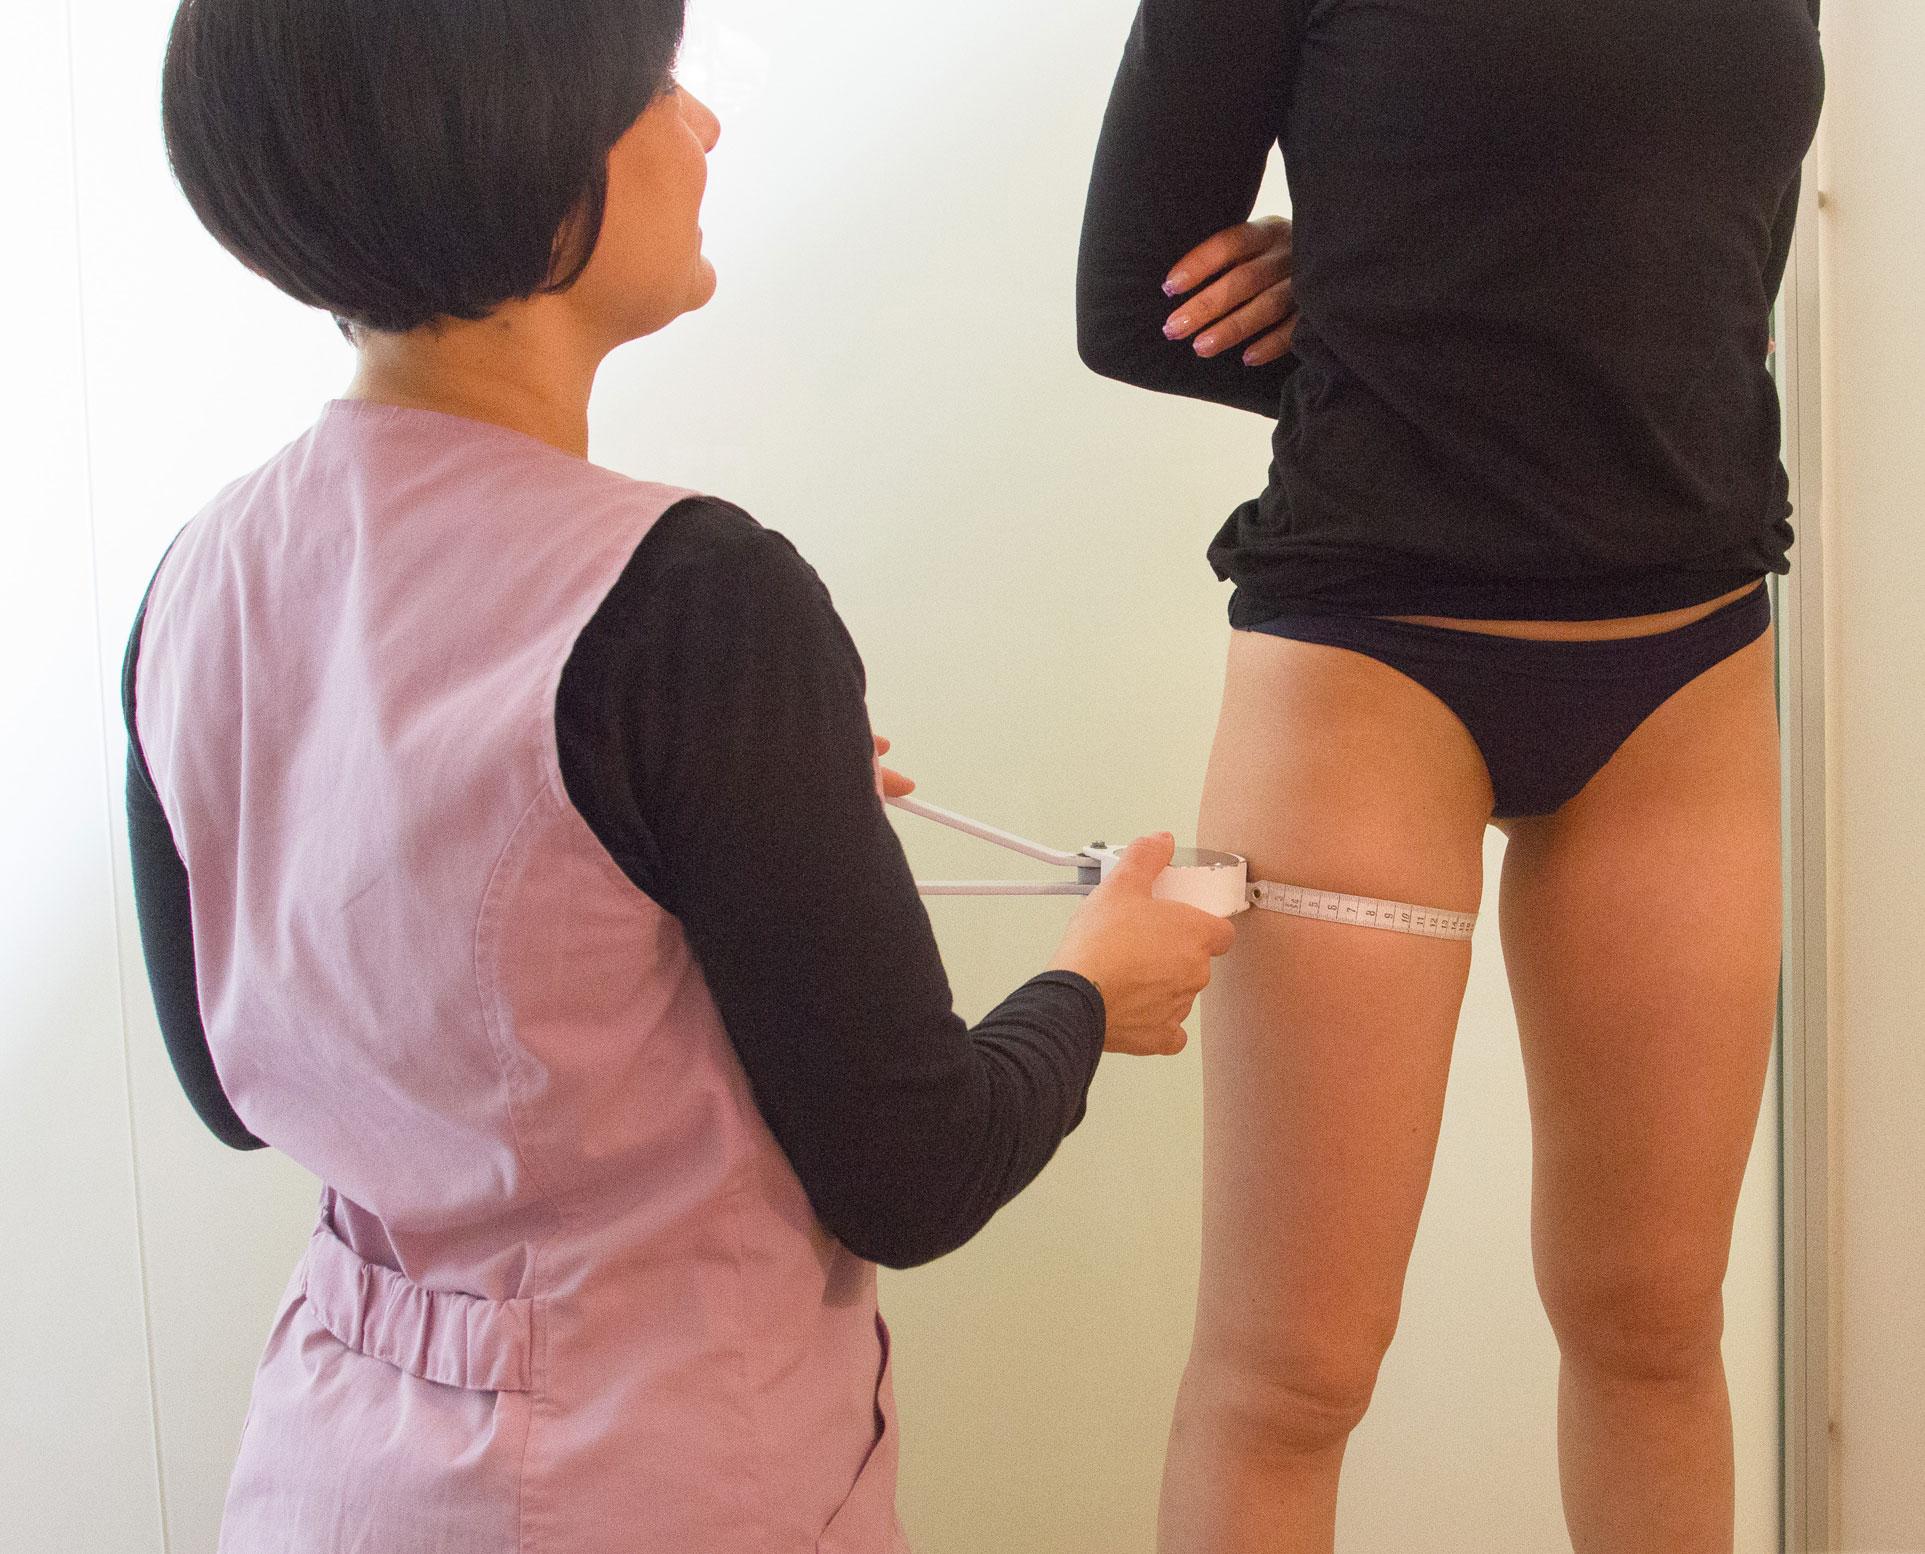 misura Magrella Ferrara centro dimagrimento clinica per dimagrire dieta facile veloce perdere peso